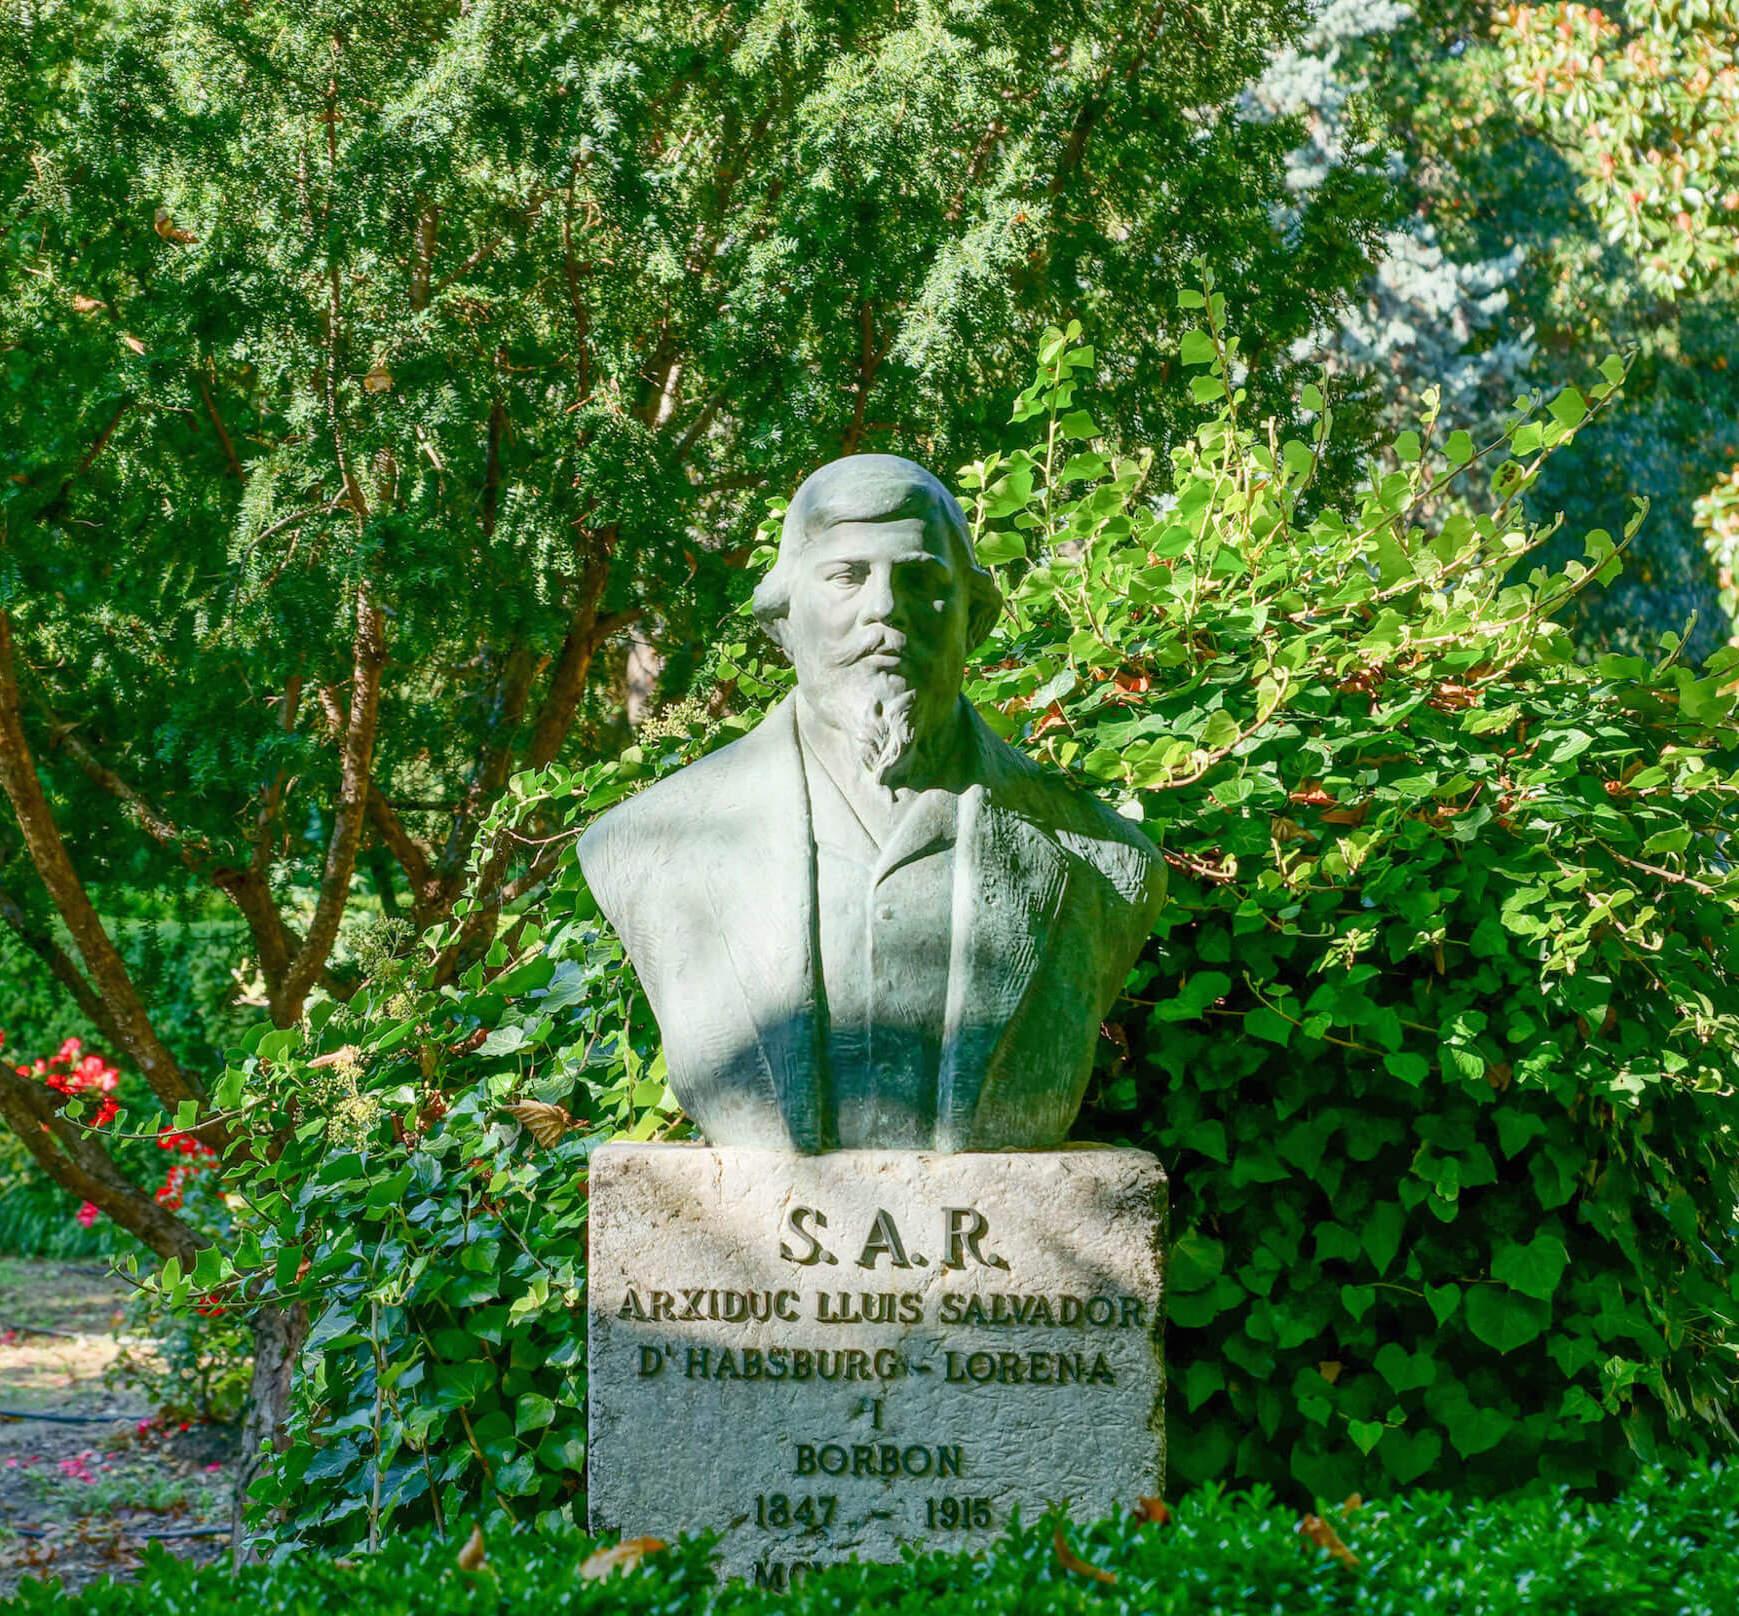 Statue Erzherzog Ludwig Salvador von Habsburg - Arxiduc